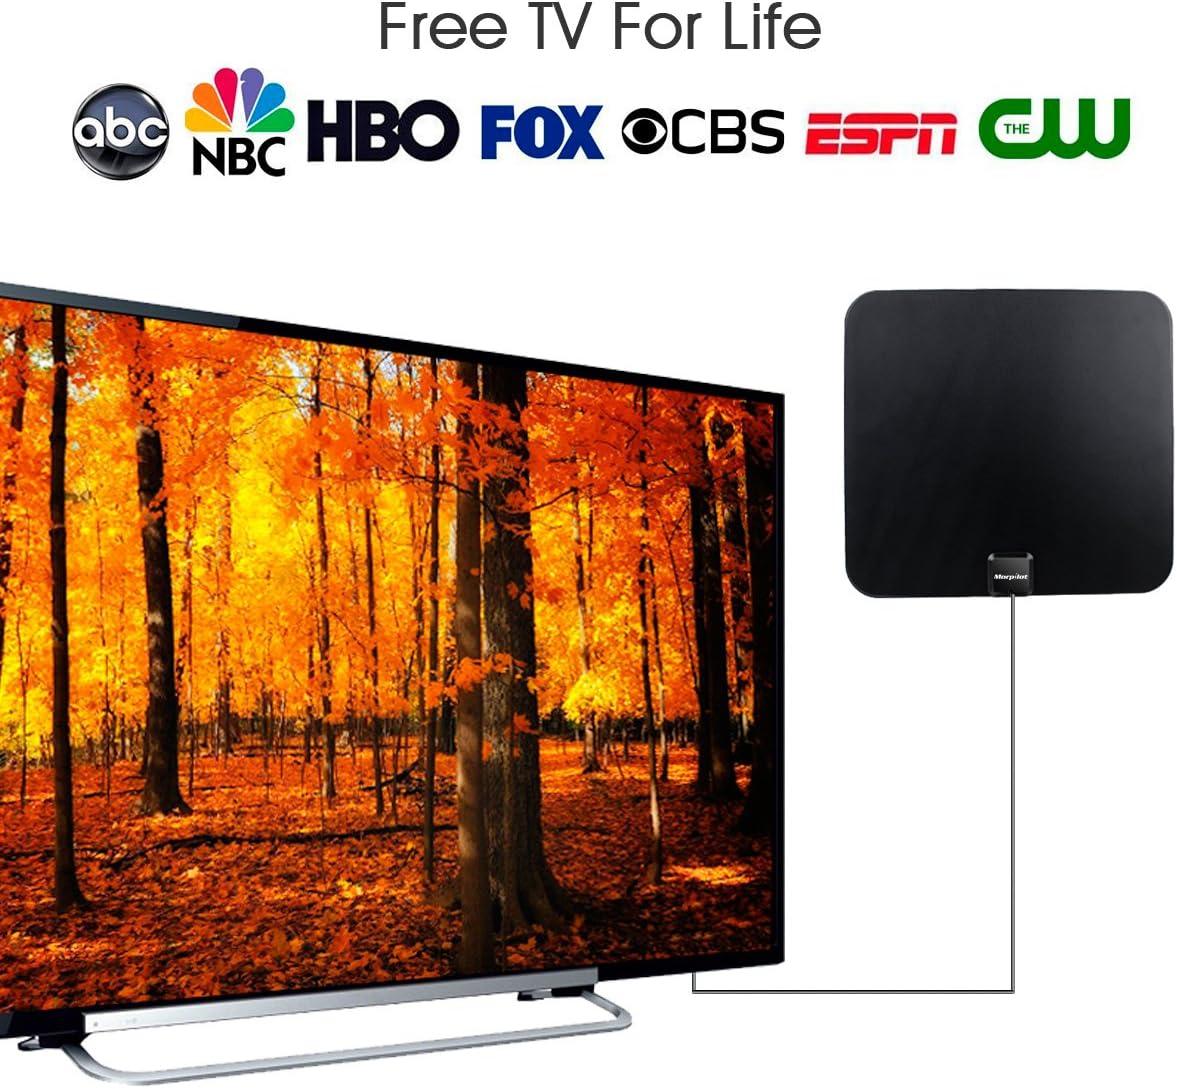 TV Antena Digital, Morpilot Antena de TV Interior de Rango Amplificado de 95 km (60 Millas) con Amplificador de Señal y Amplificador Avanzado y Cable Coaxial de 12 Pies: Amazon.es: Electrónica